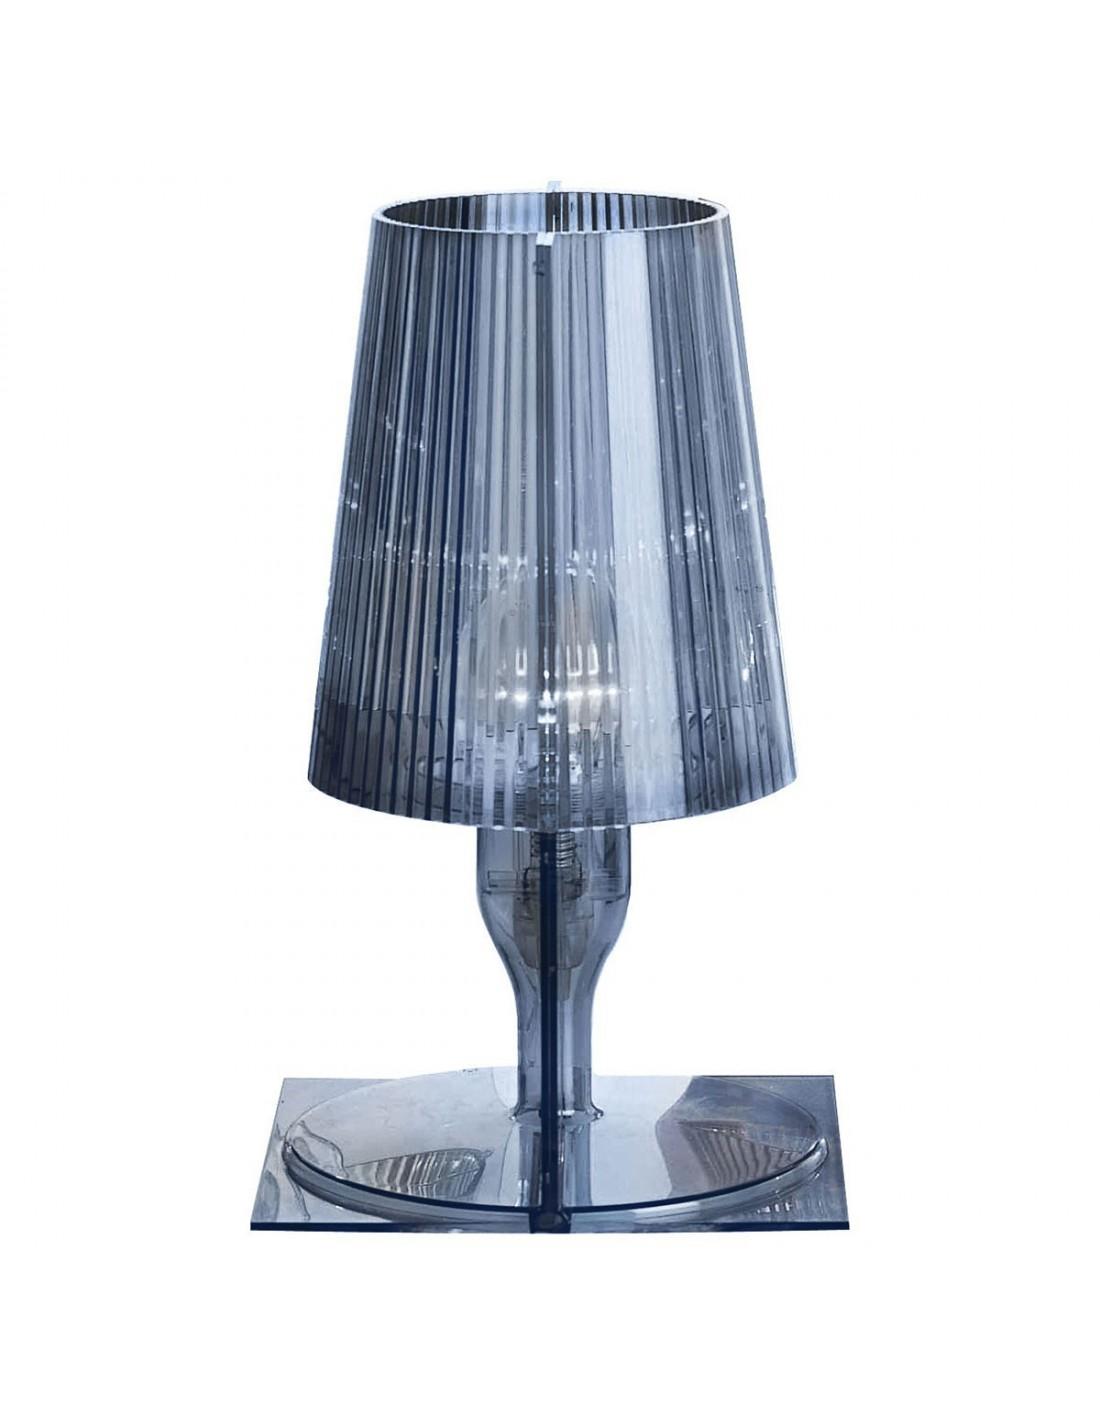 Lampe de table Take bleu grisé pour la marque Kartell